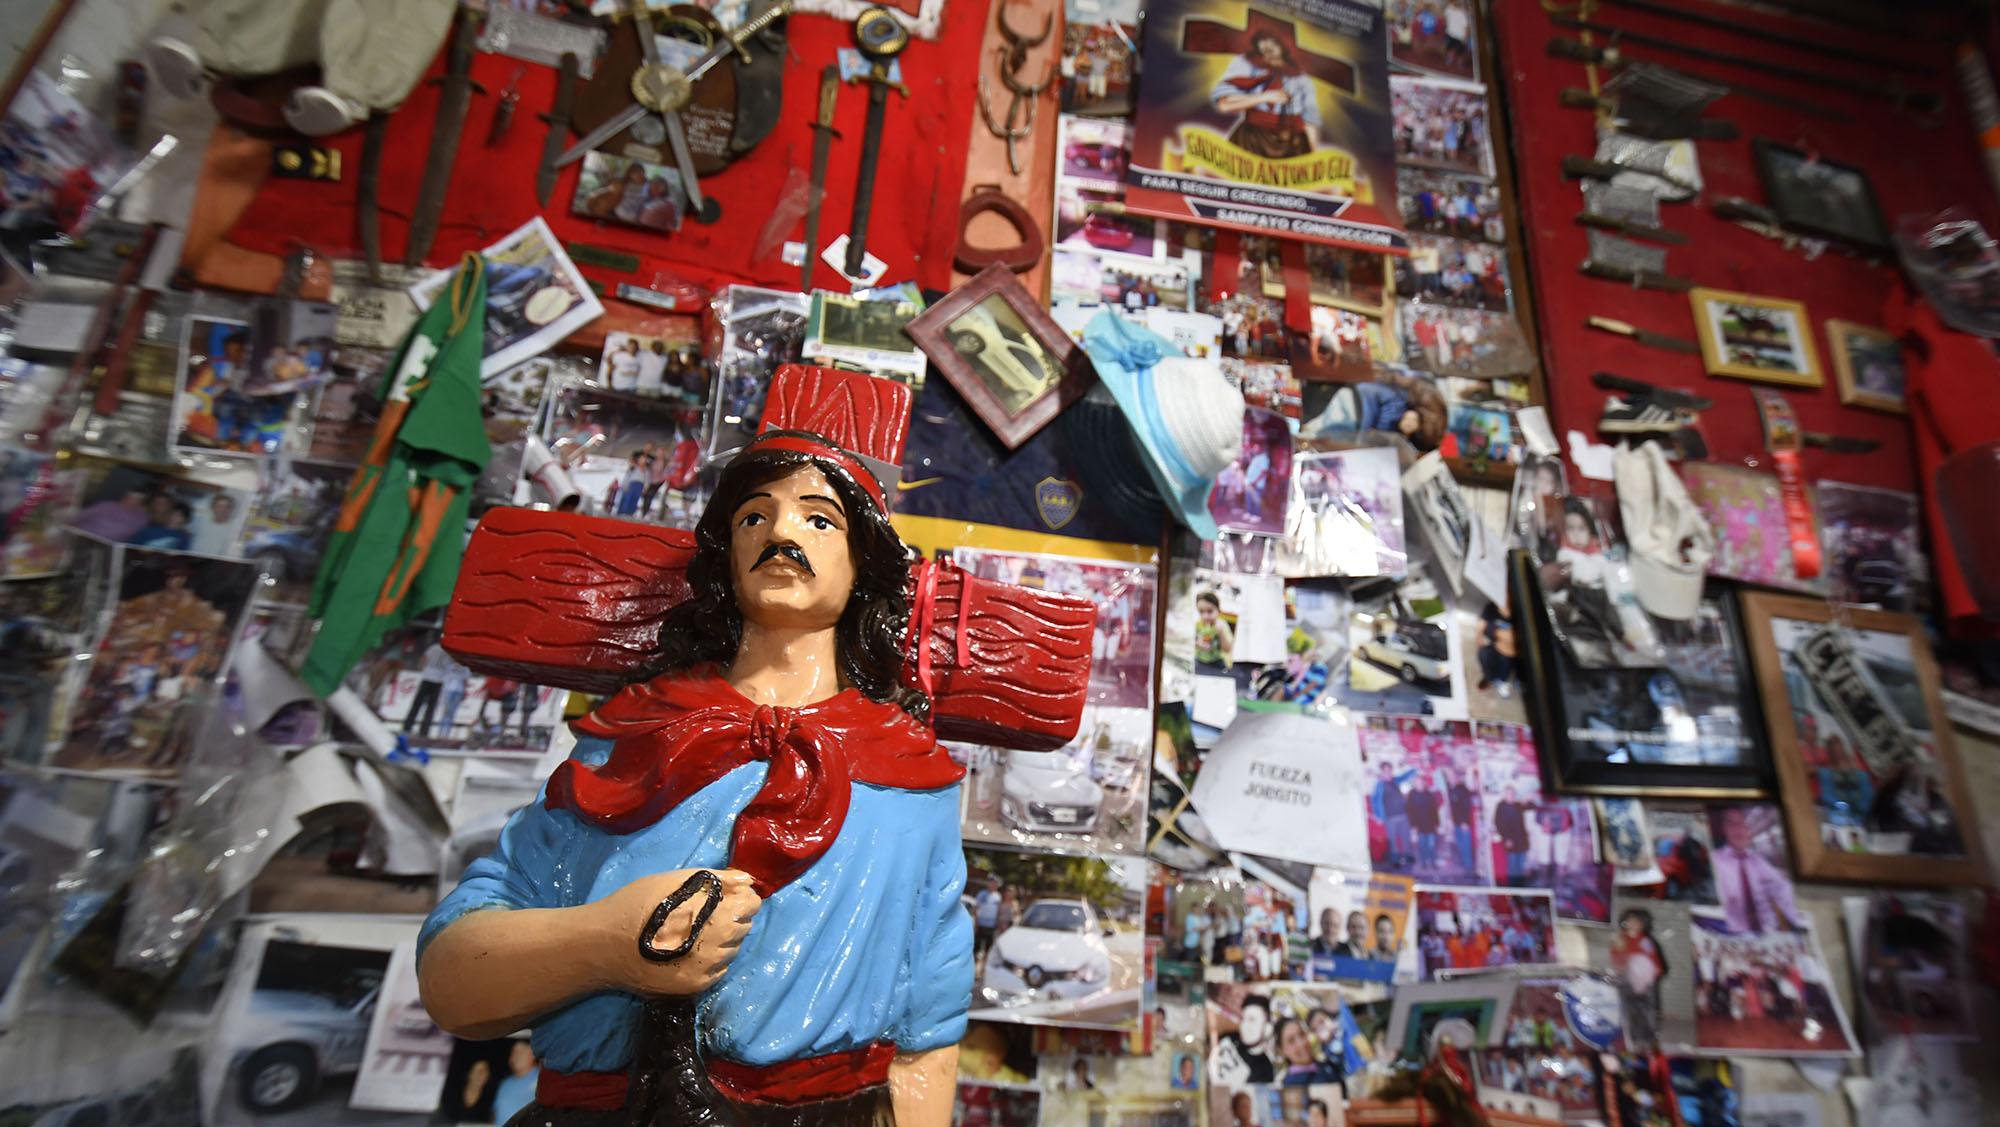 El santuario lleno deestampitas y prendas para el santopopular (J.J García)